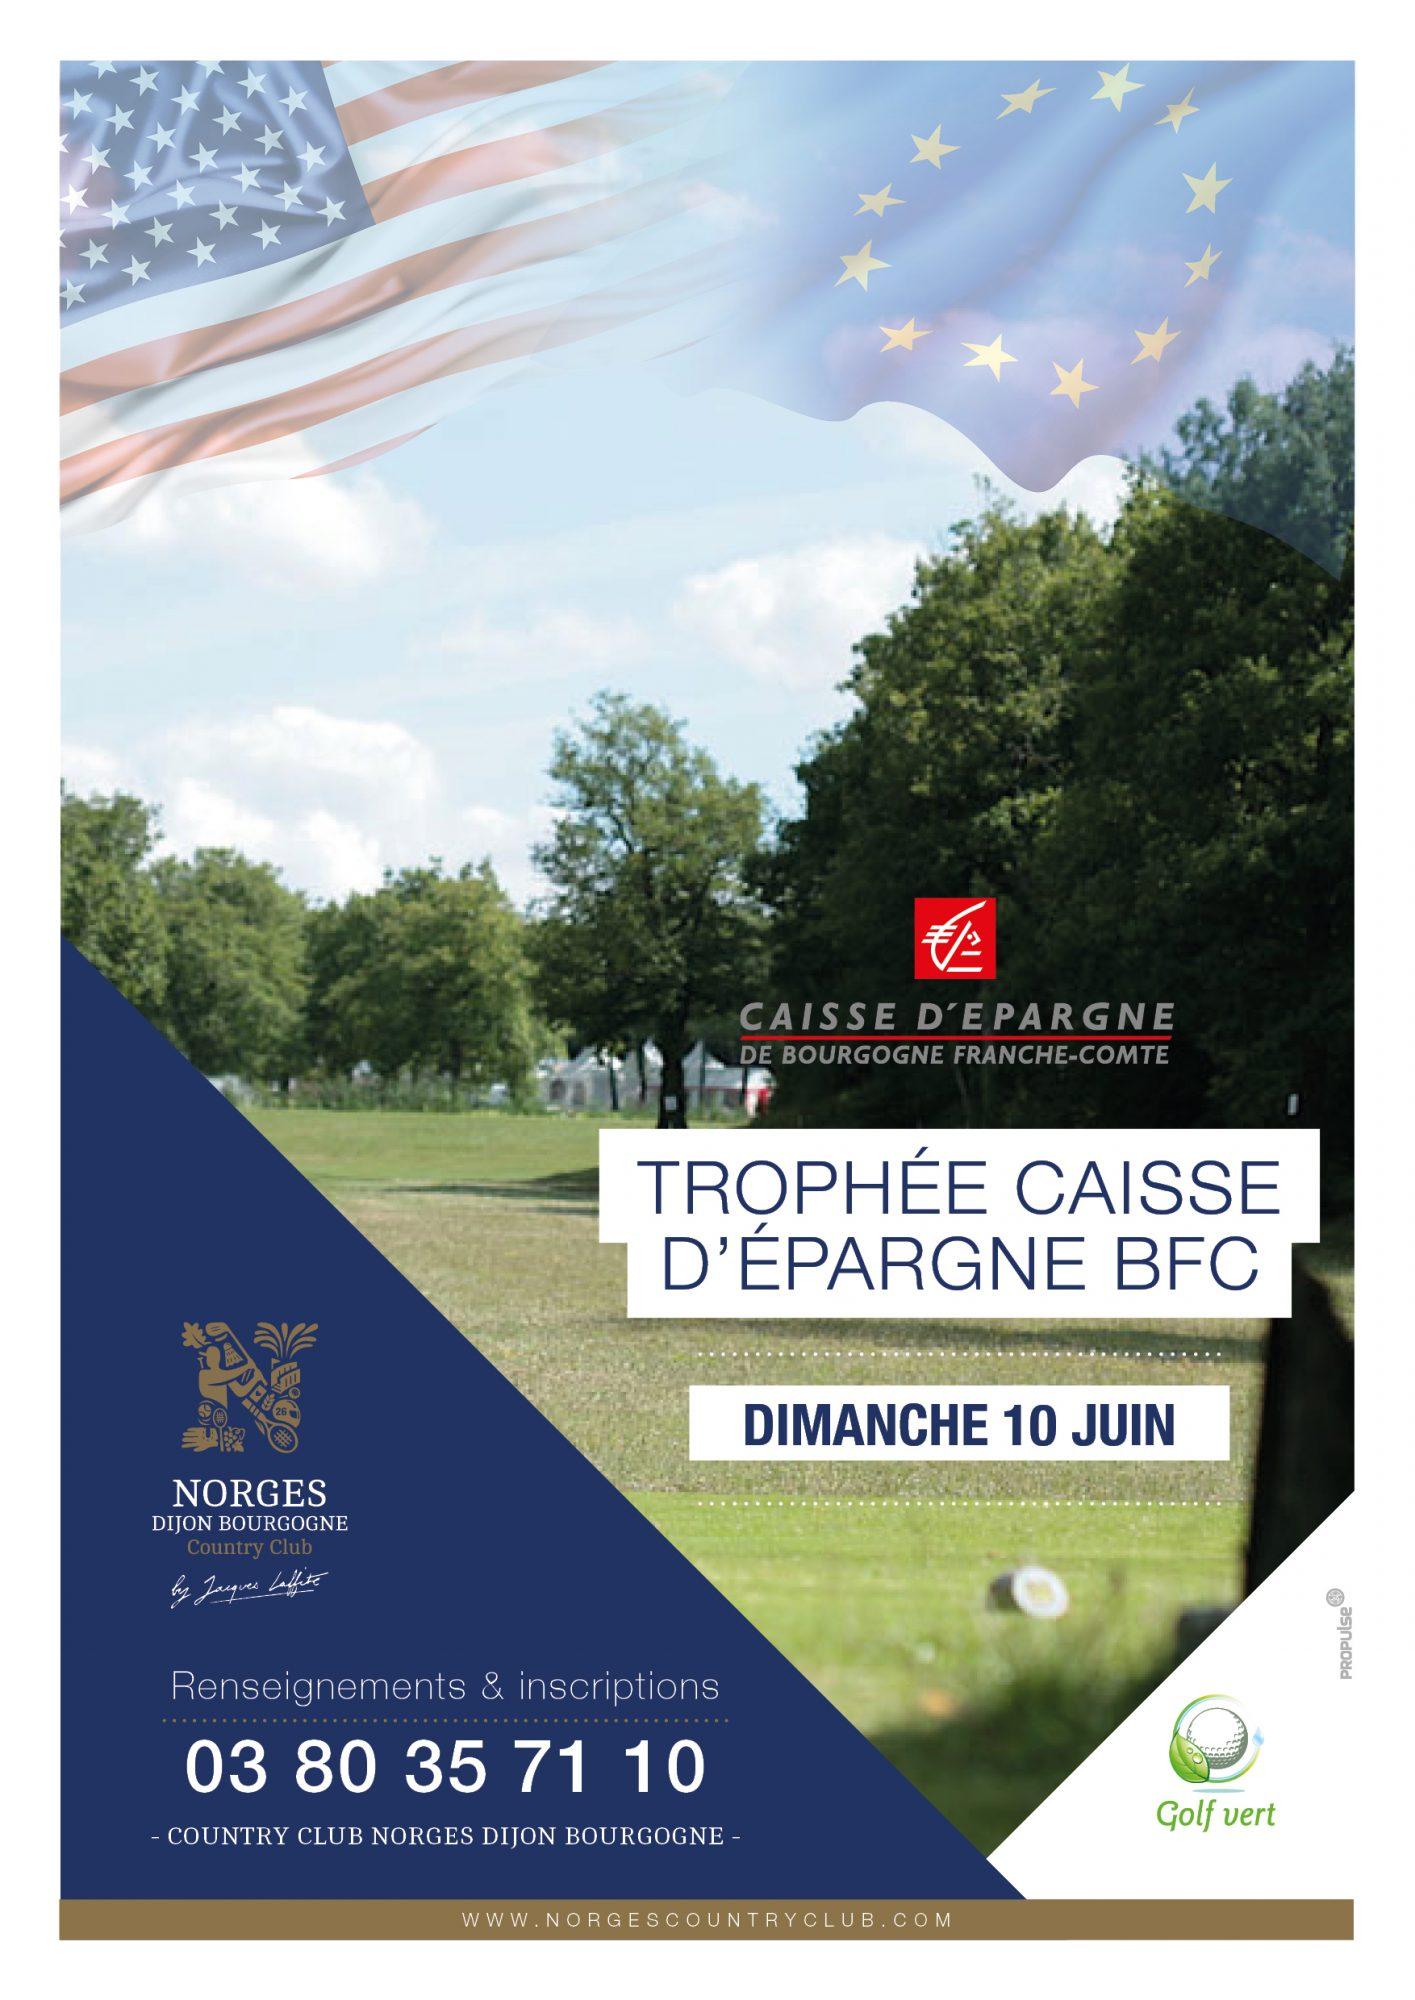 Trophée Caisse d'Epargne BFC